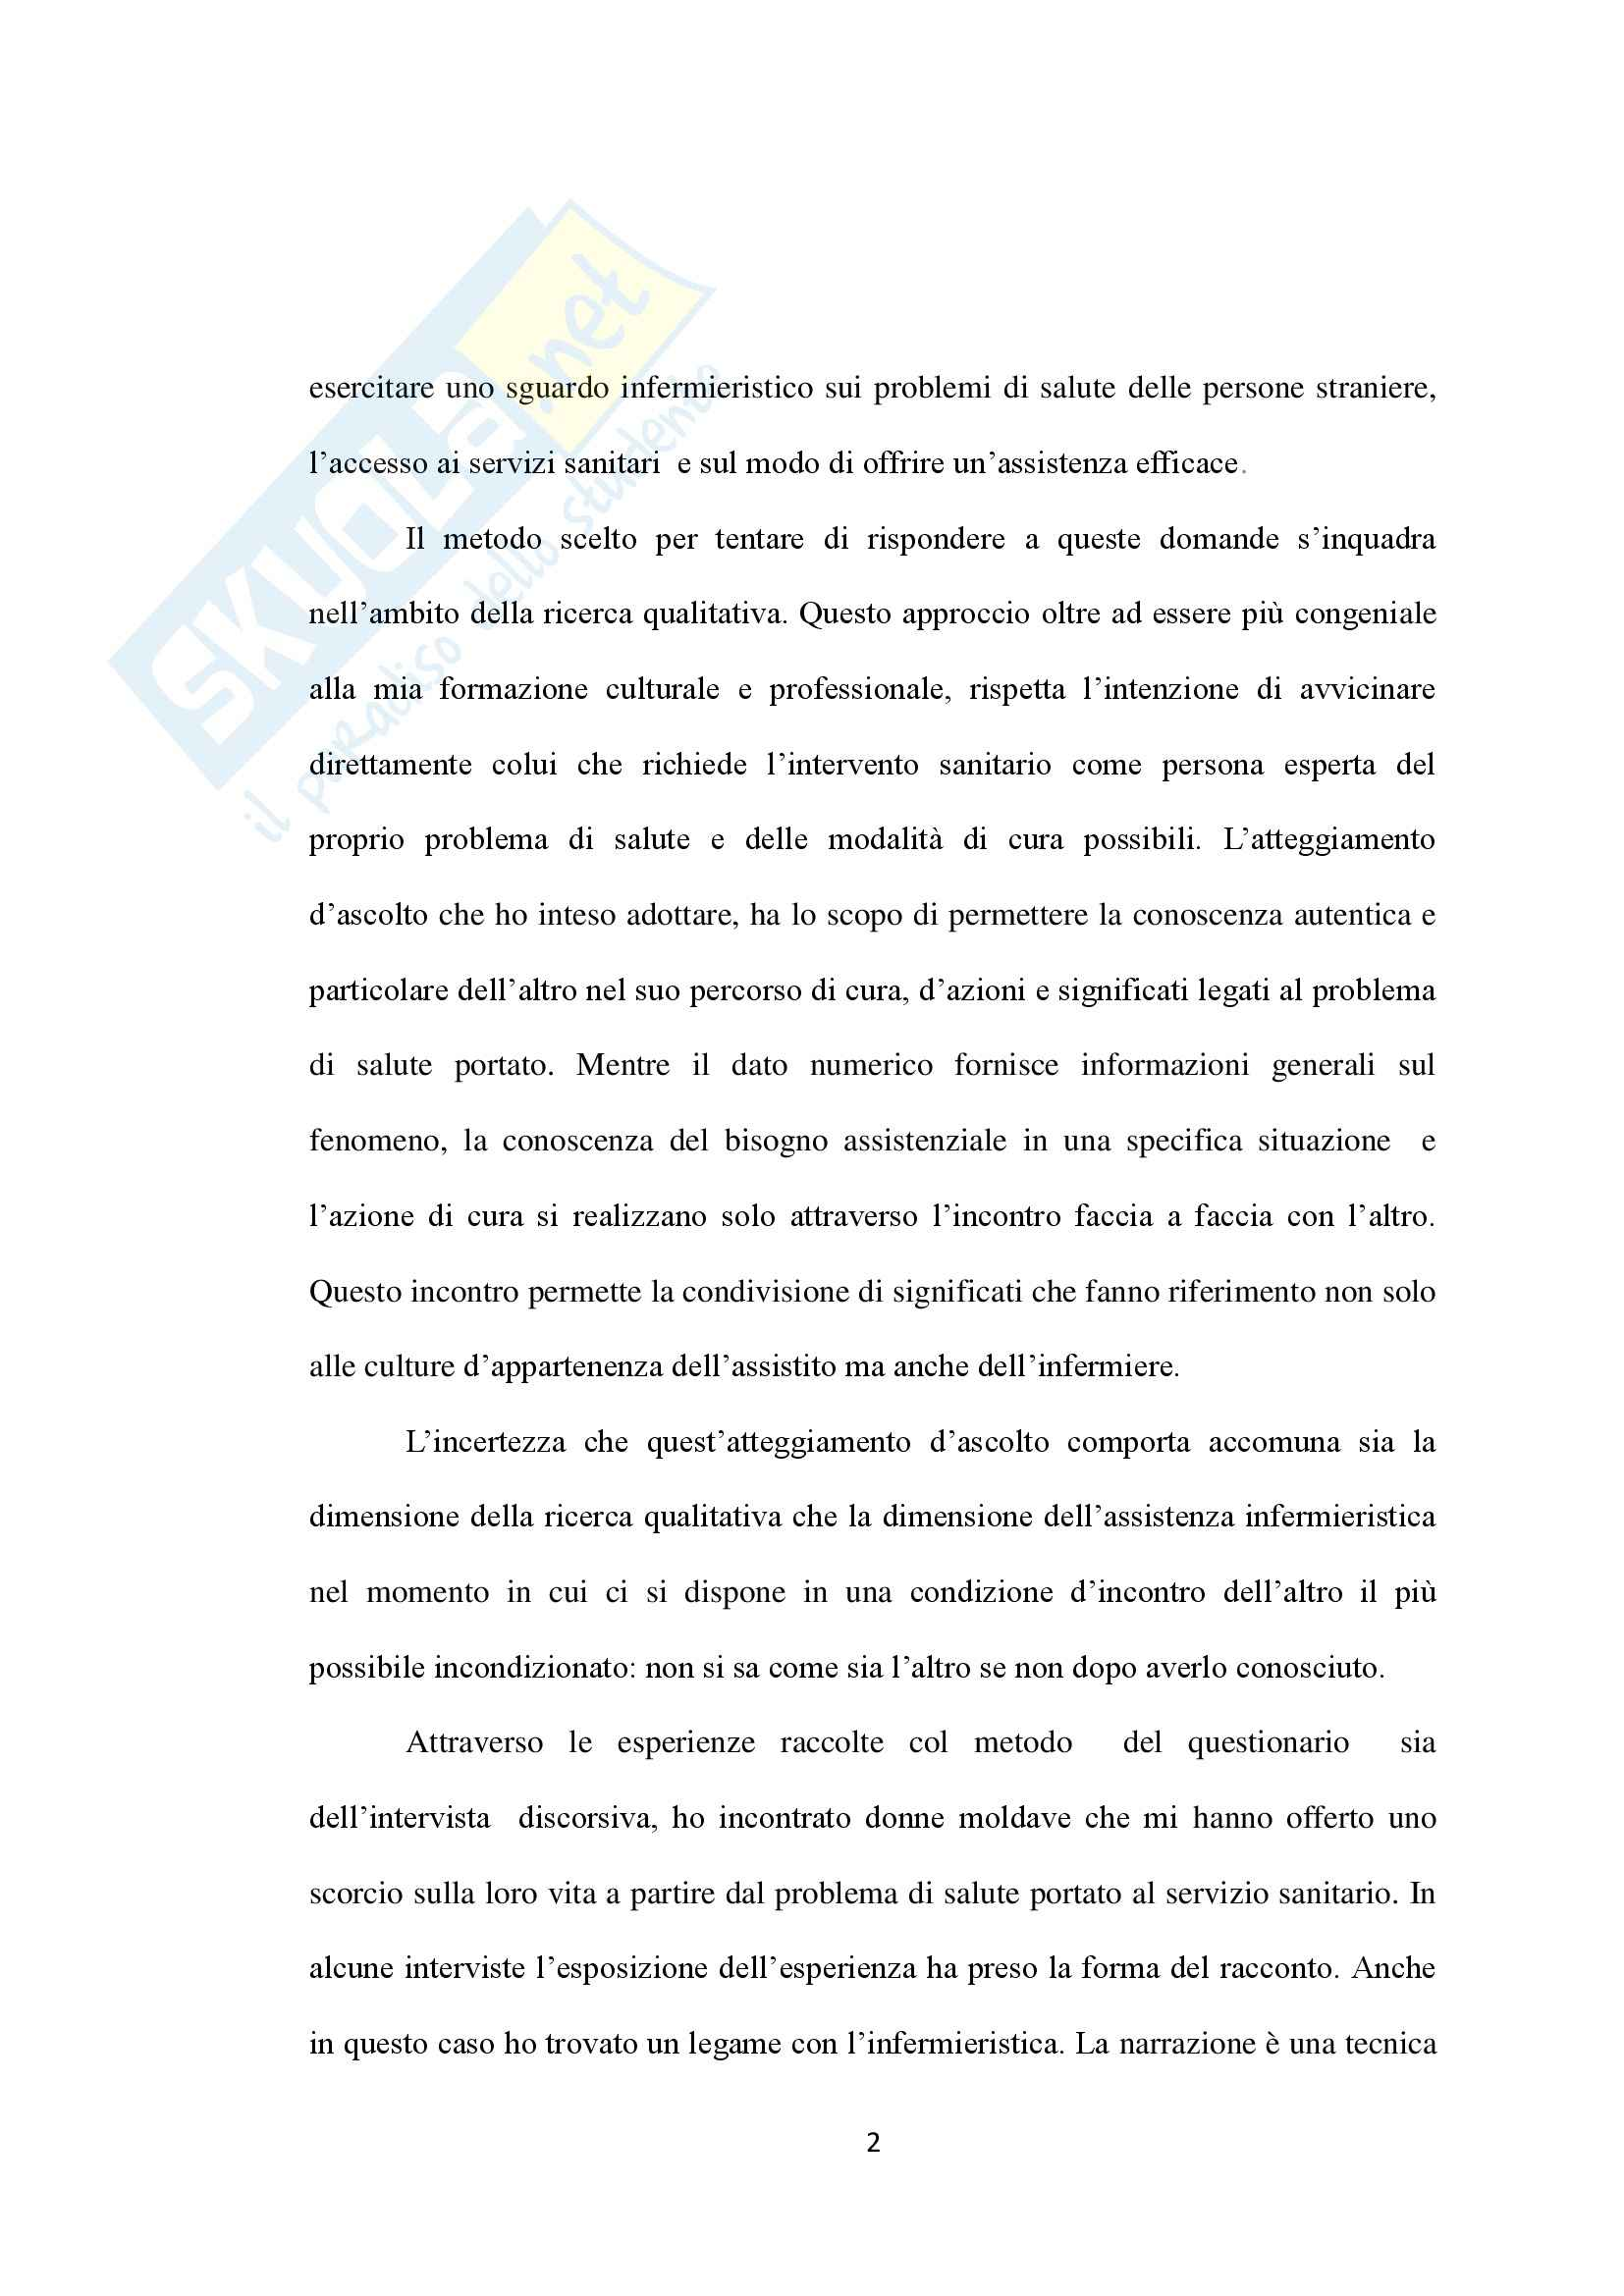 Tesi - L'accesso ai Servizi Sanitari da parte degli stranieri: criticità e prospettive Pag. 6